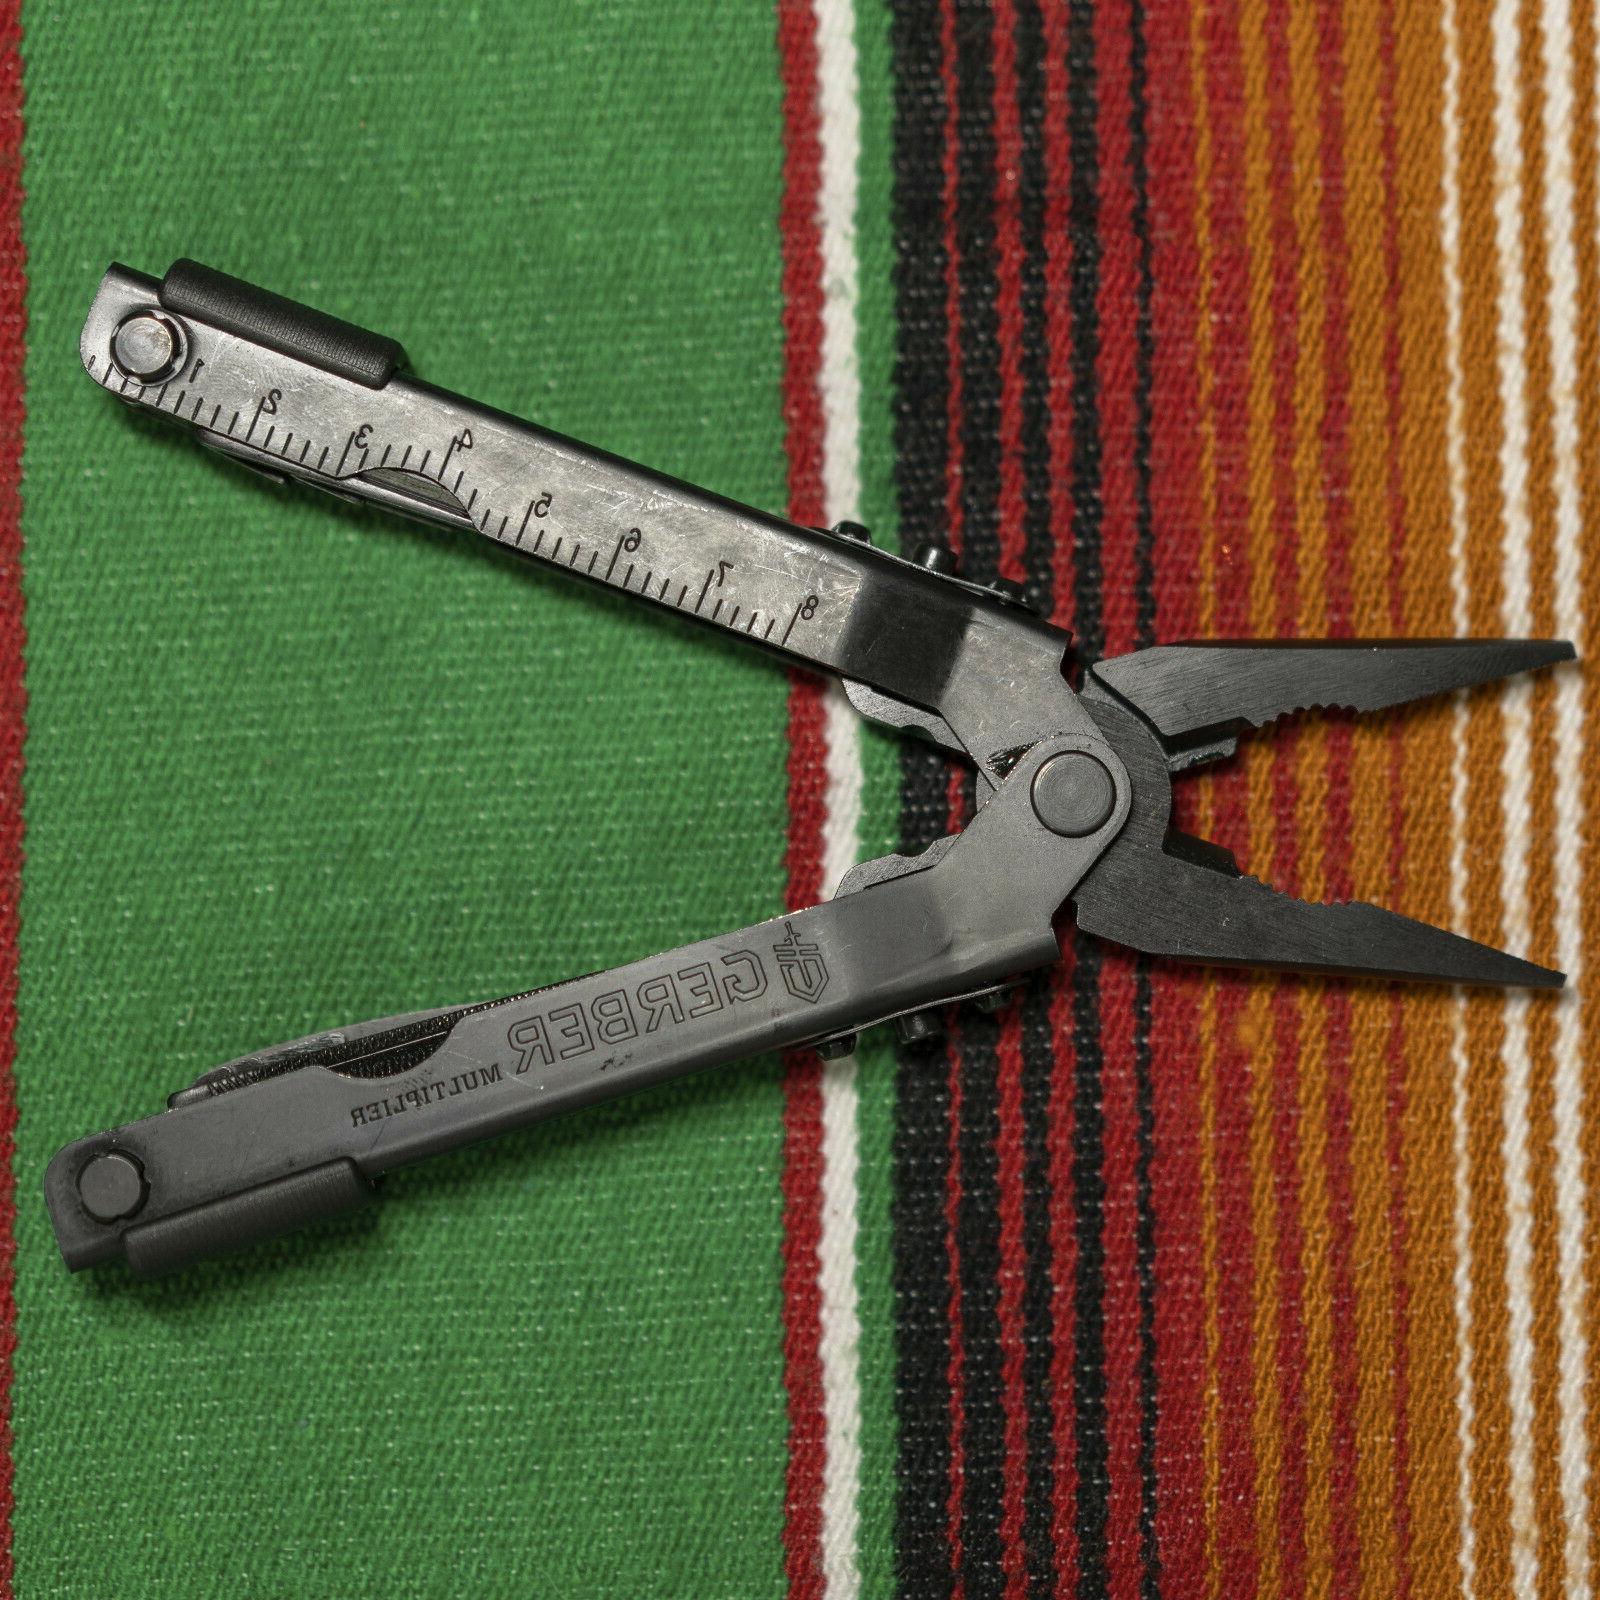 mp600 needlenose multi tools